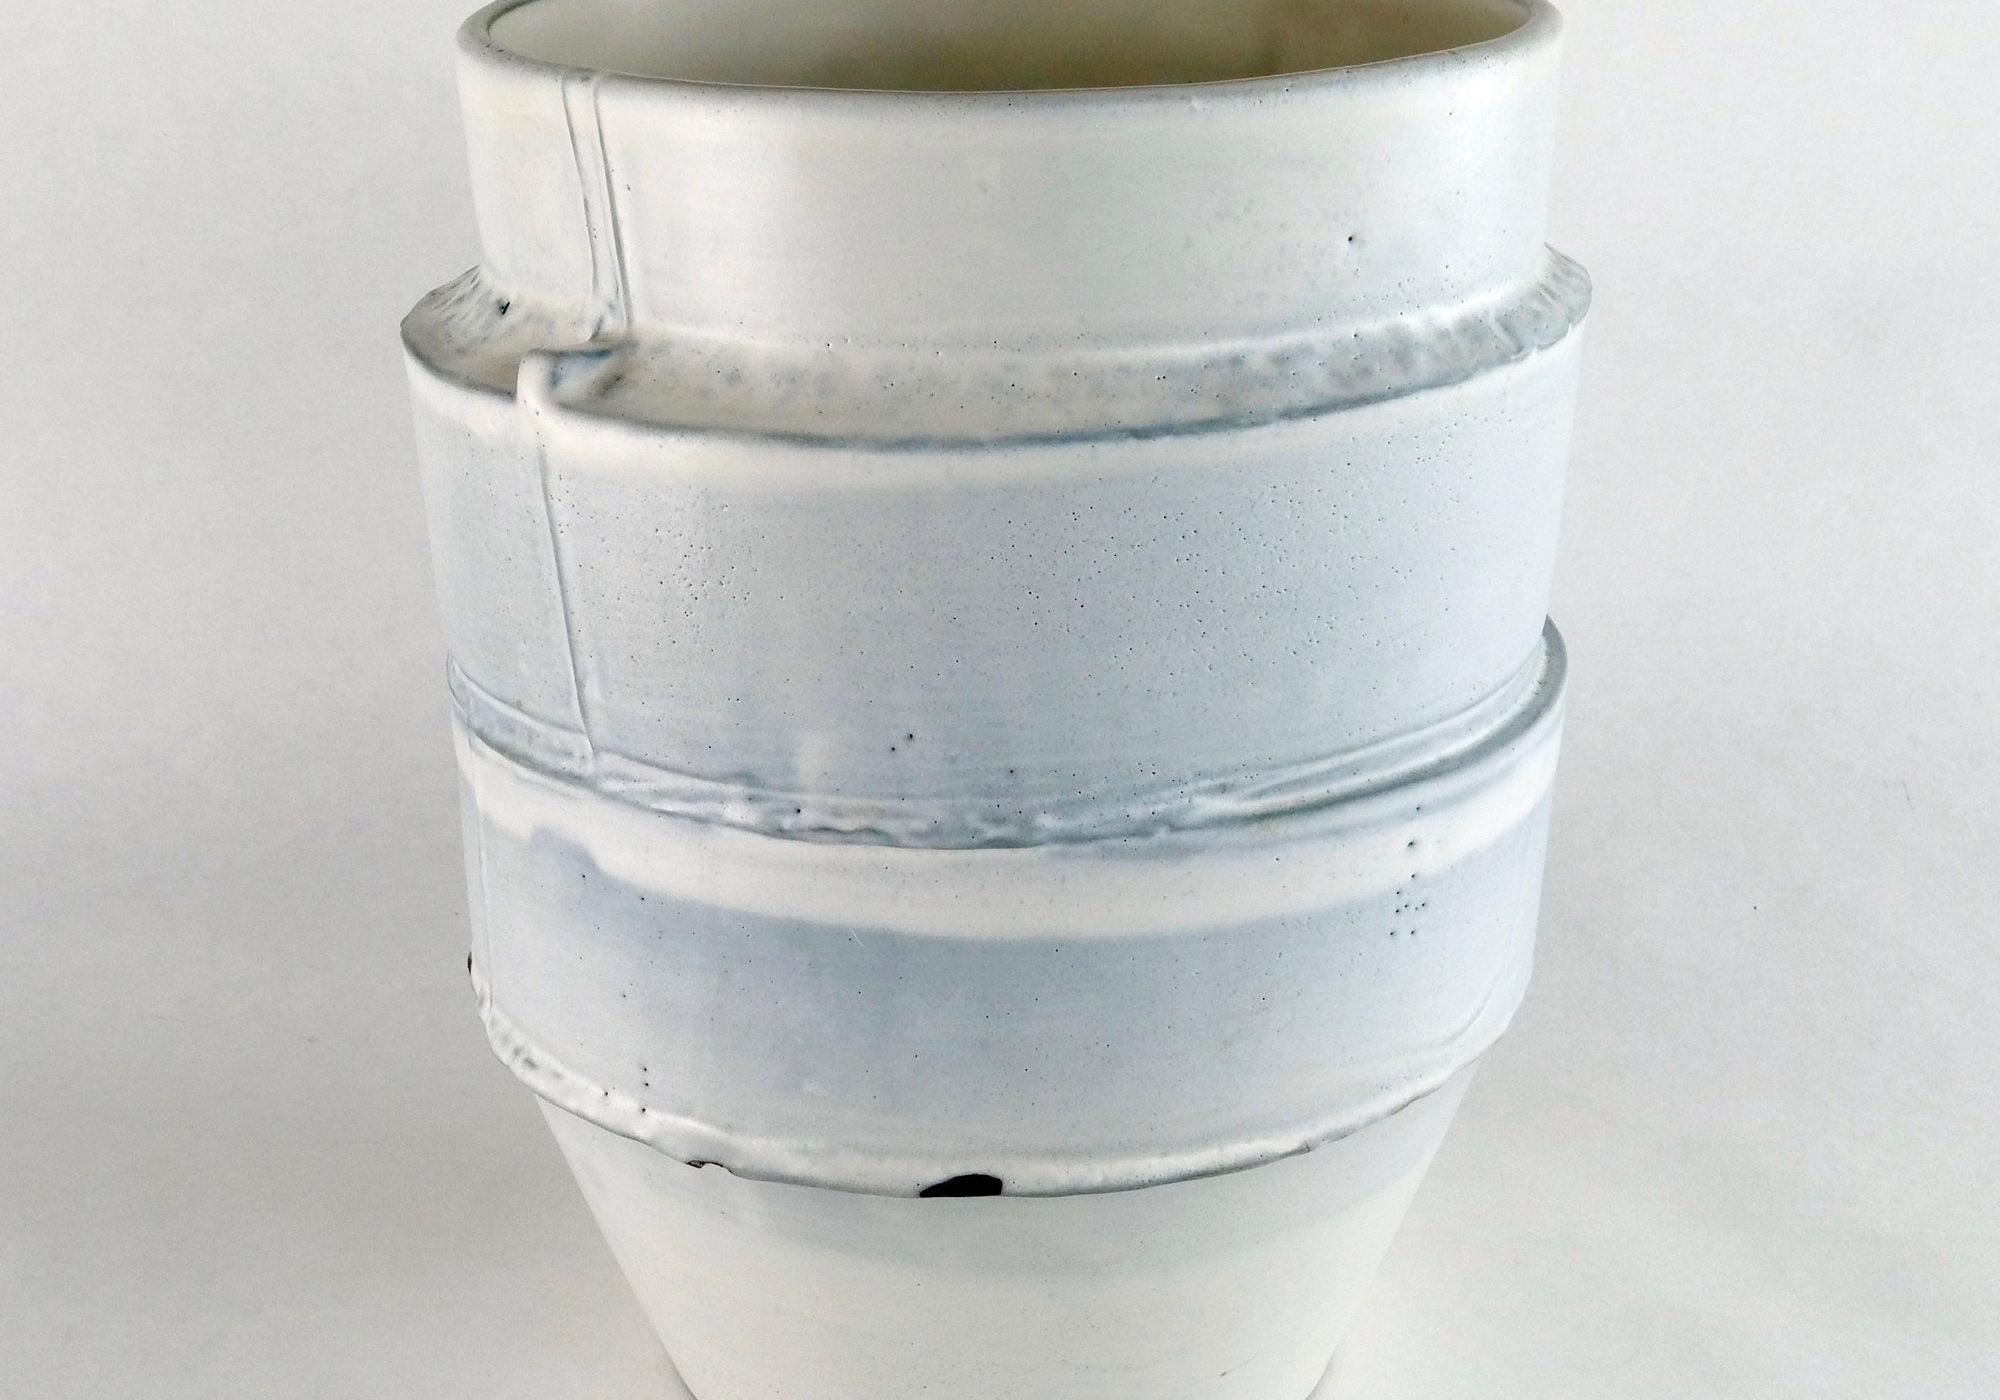 08.pot-aline-lafollie-ceramique-poterie